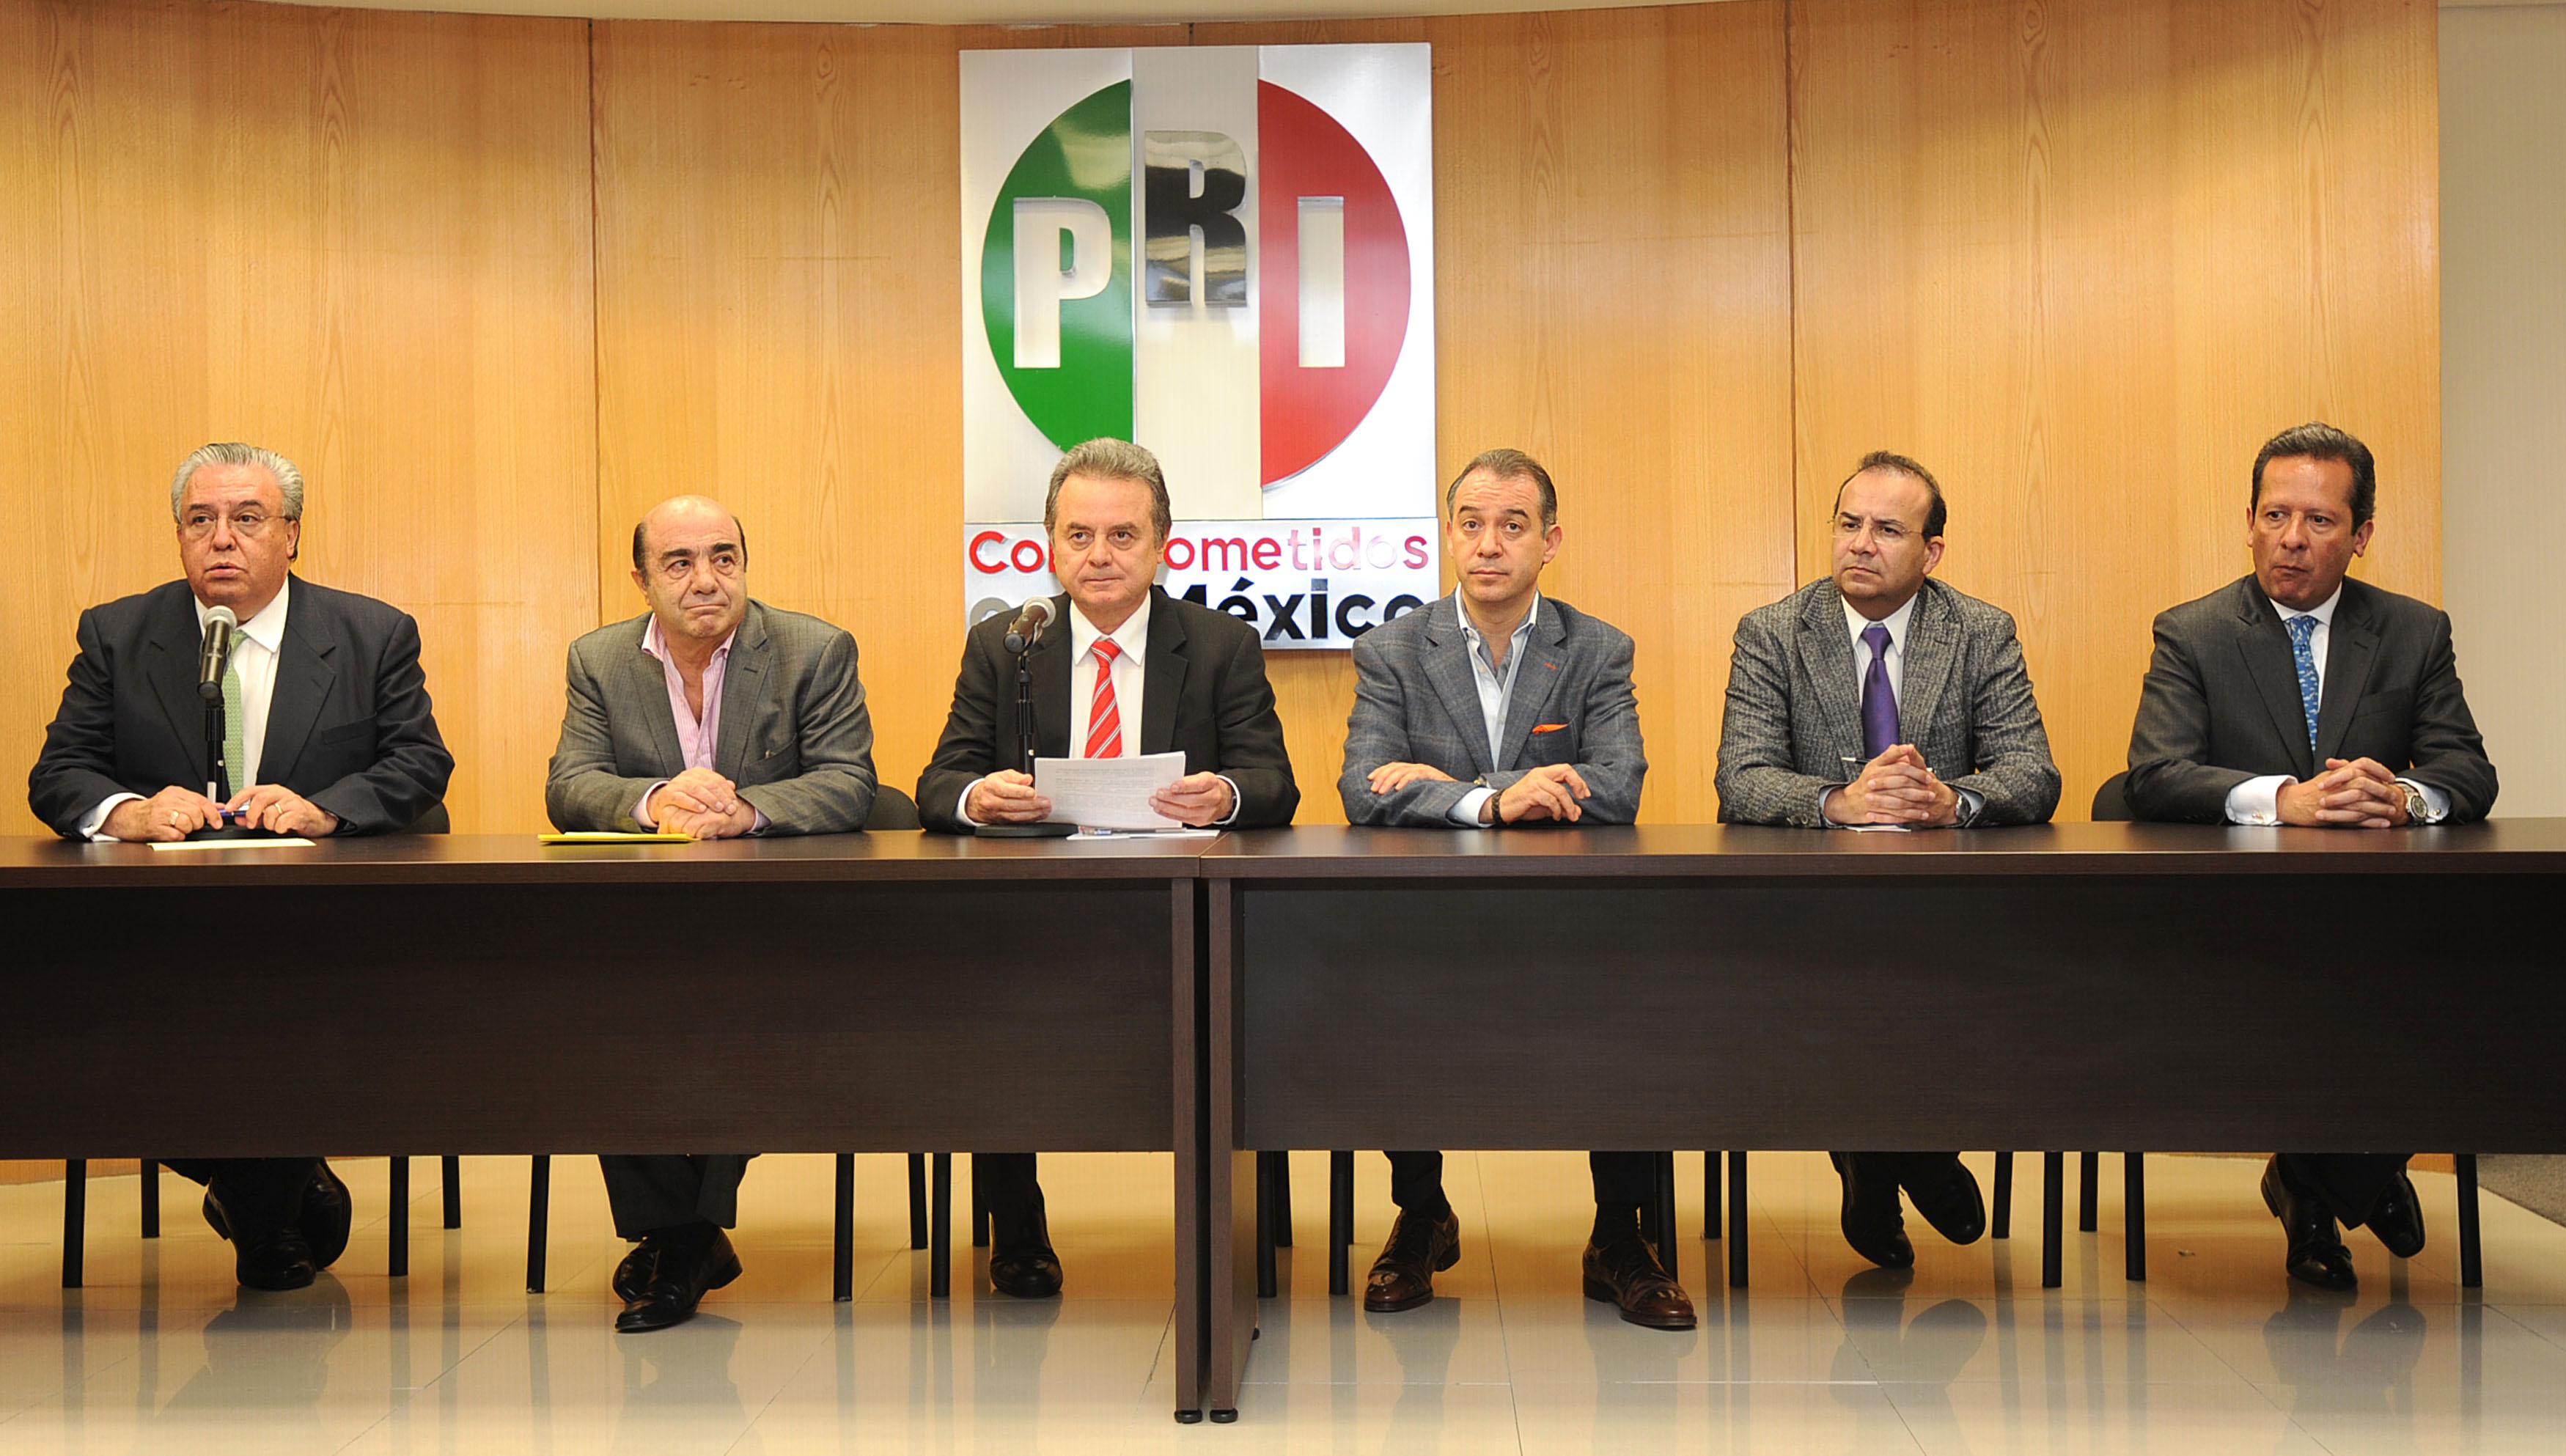 Foto: PRI.